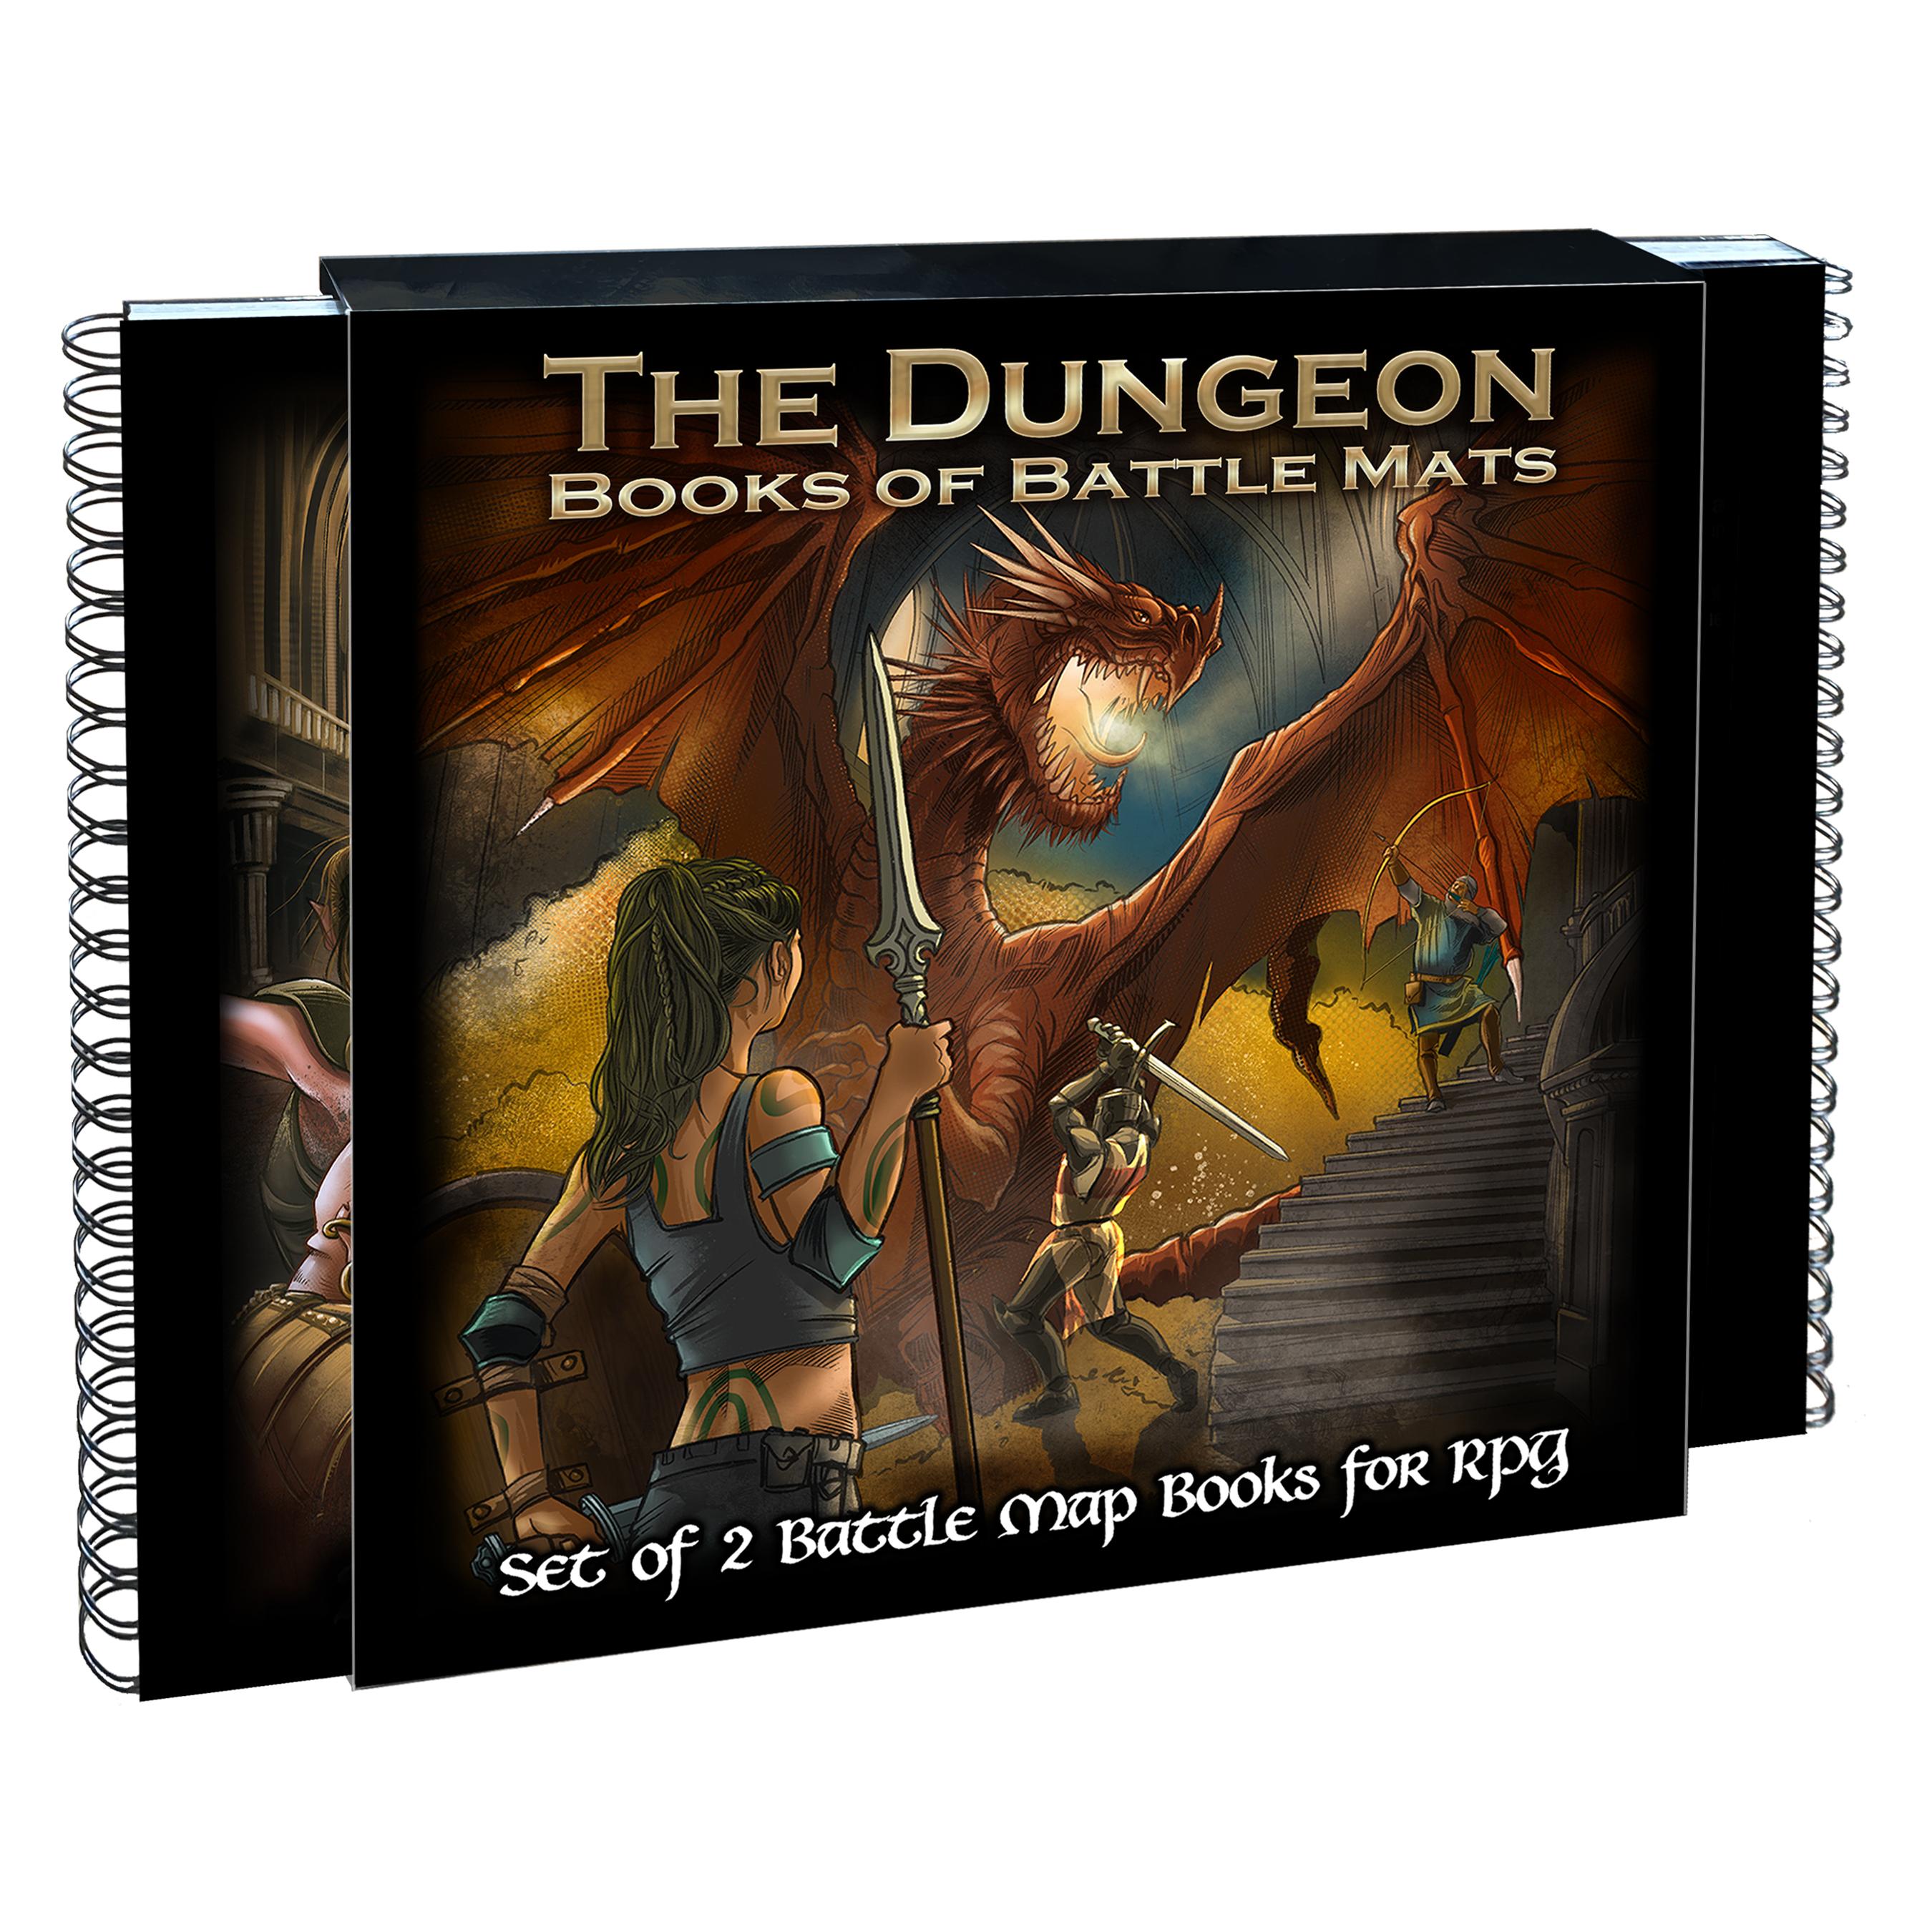 The Dungeon Books of Battle Mats -  Loke Battlemats